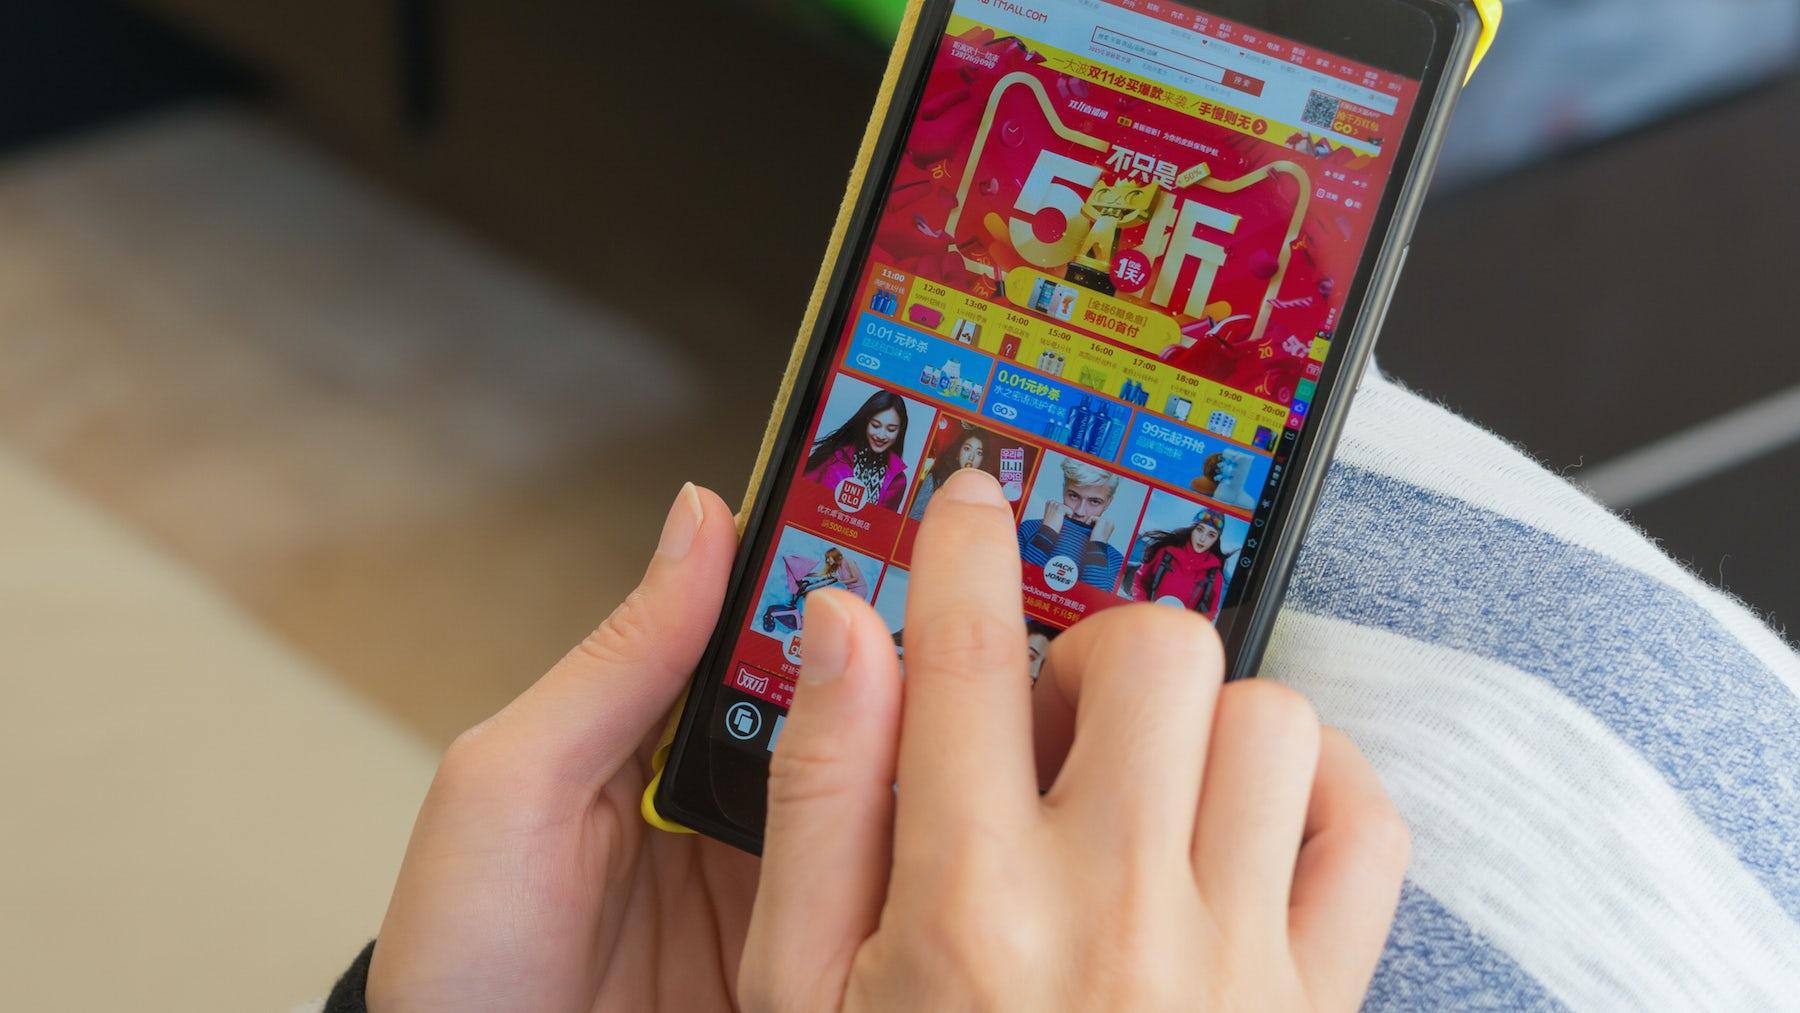 Taobao mobile app   Source: Shutterstock